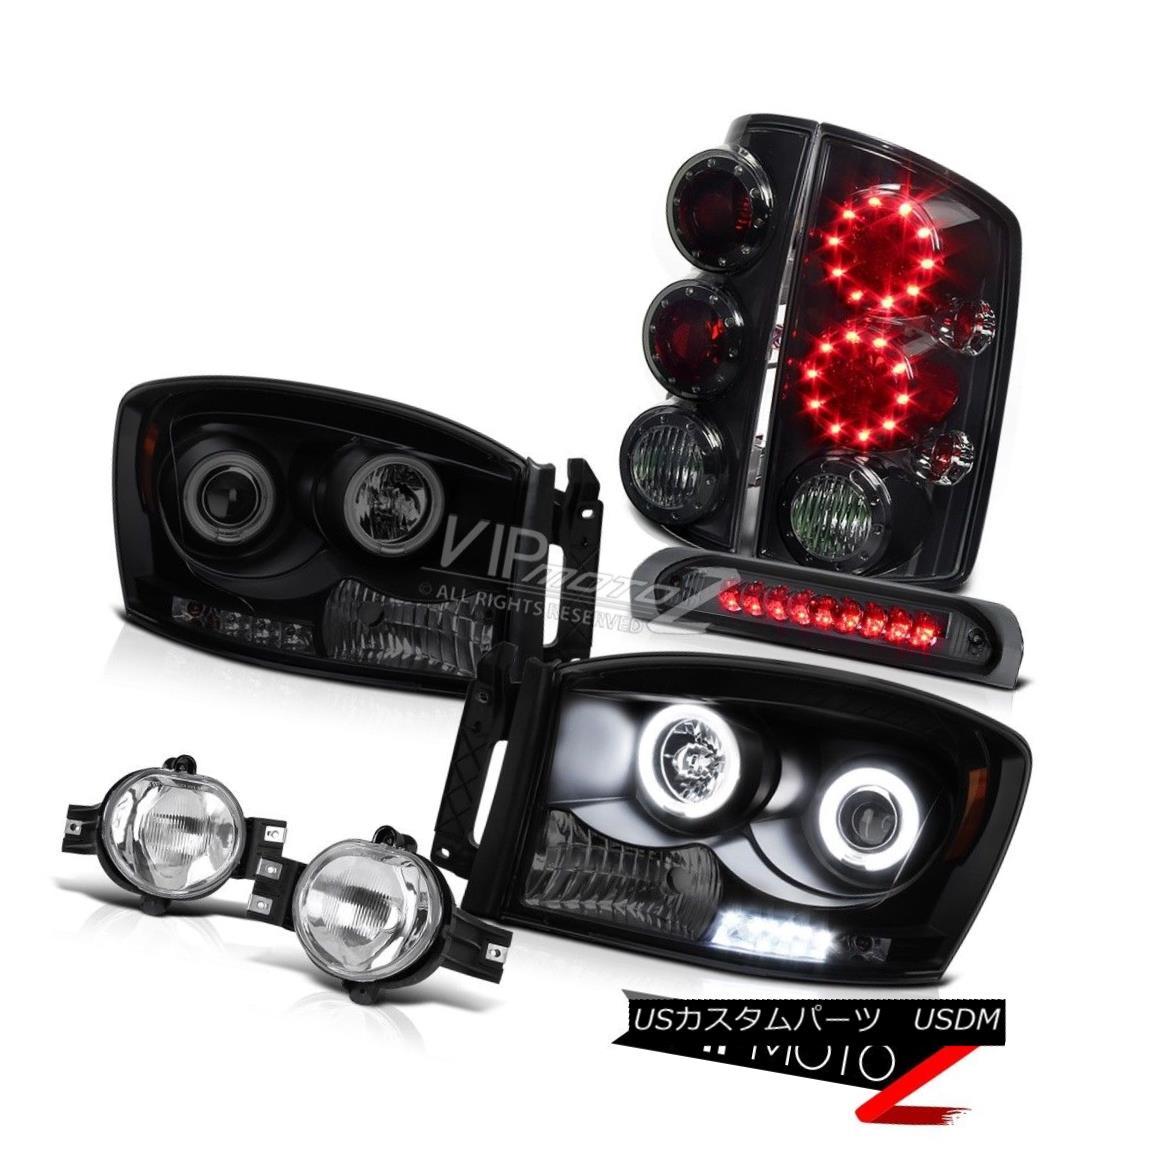 ヘッドライト 2006 Dodge Ram 5.9L CCFL Angel Eye Headlight Switch Foglight LED 3RD Brake Lamps 2006ダッジラム5.9L CCFLエンジェルアイヘッドライトスイッチFoglight LED 3RDブレーキランプ